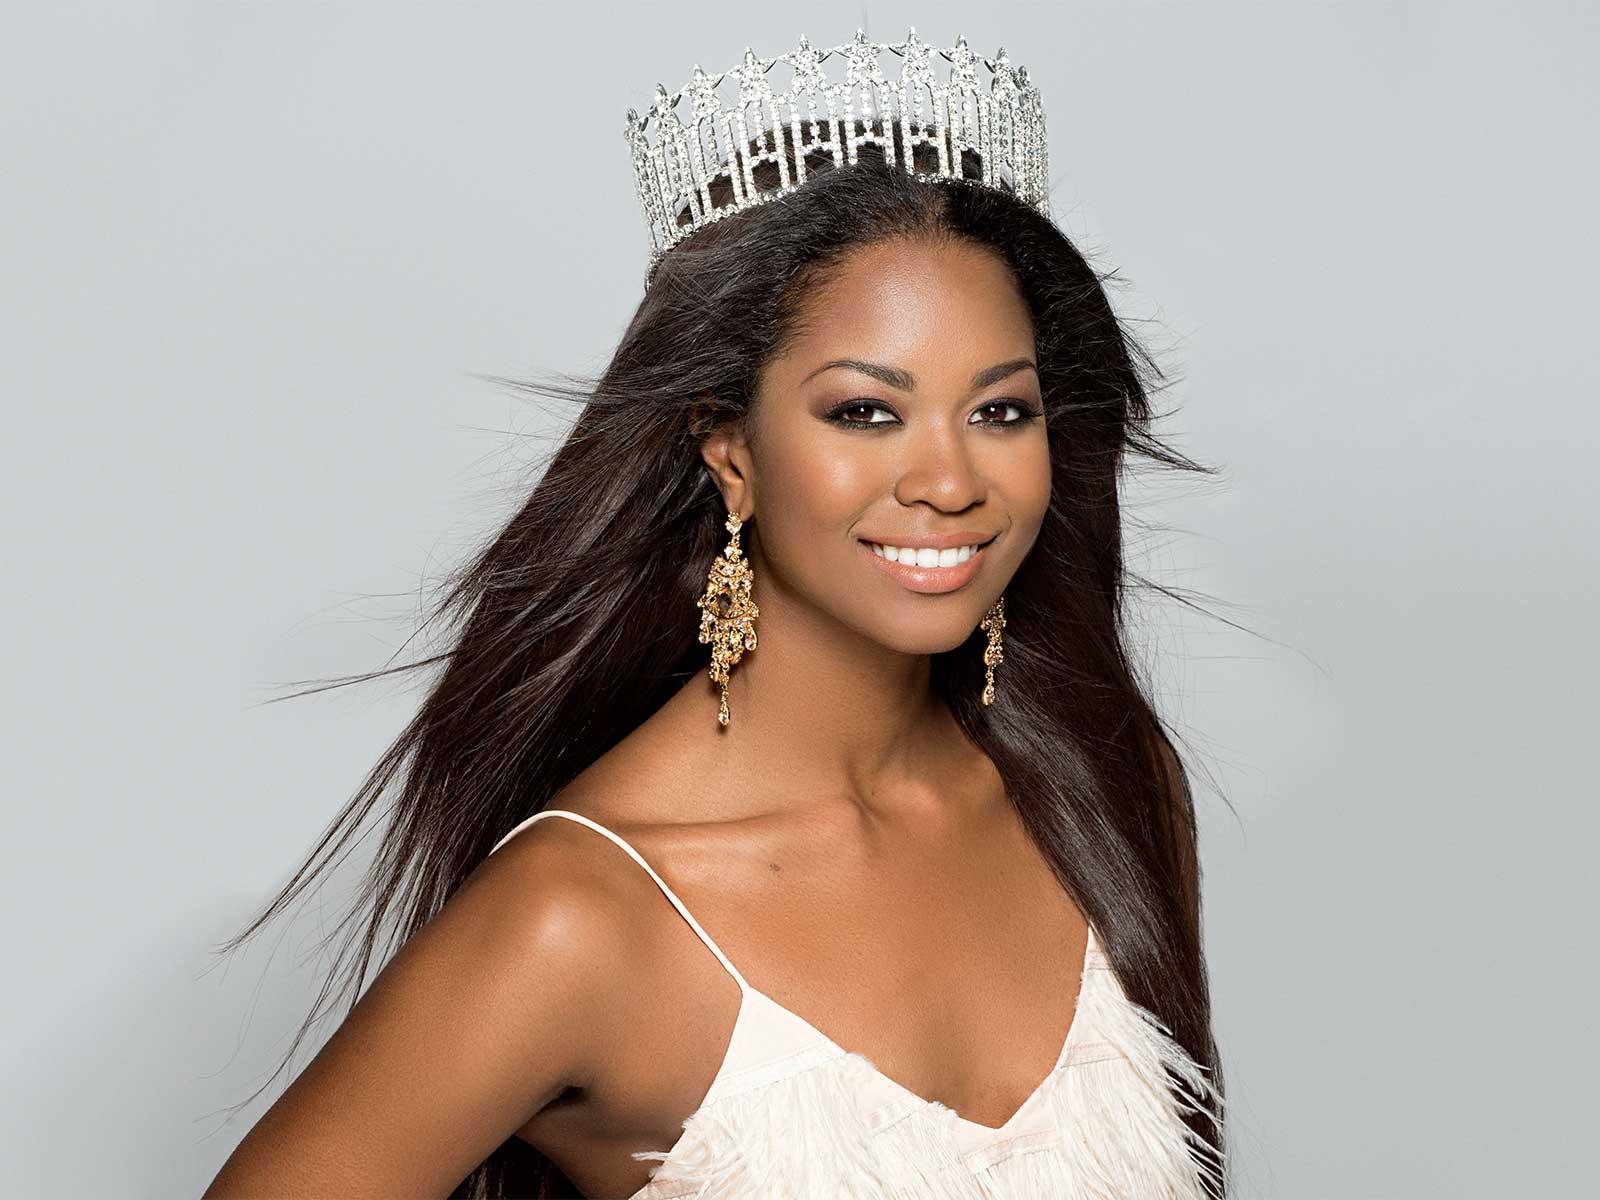 Las 51 Candidatas al título de Miss USA 2016 - Página 5 16maaliyahpapillion